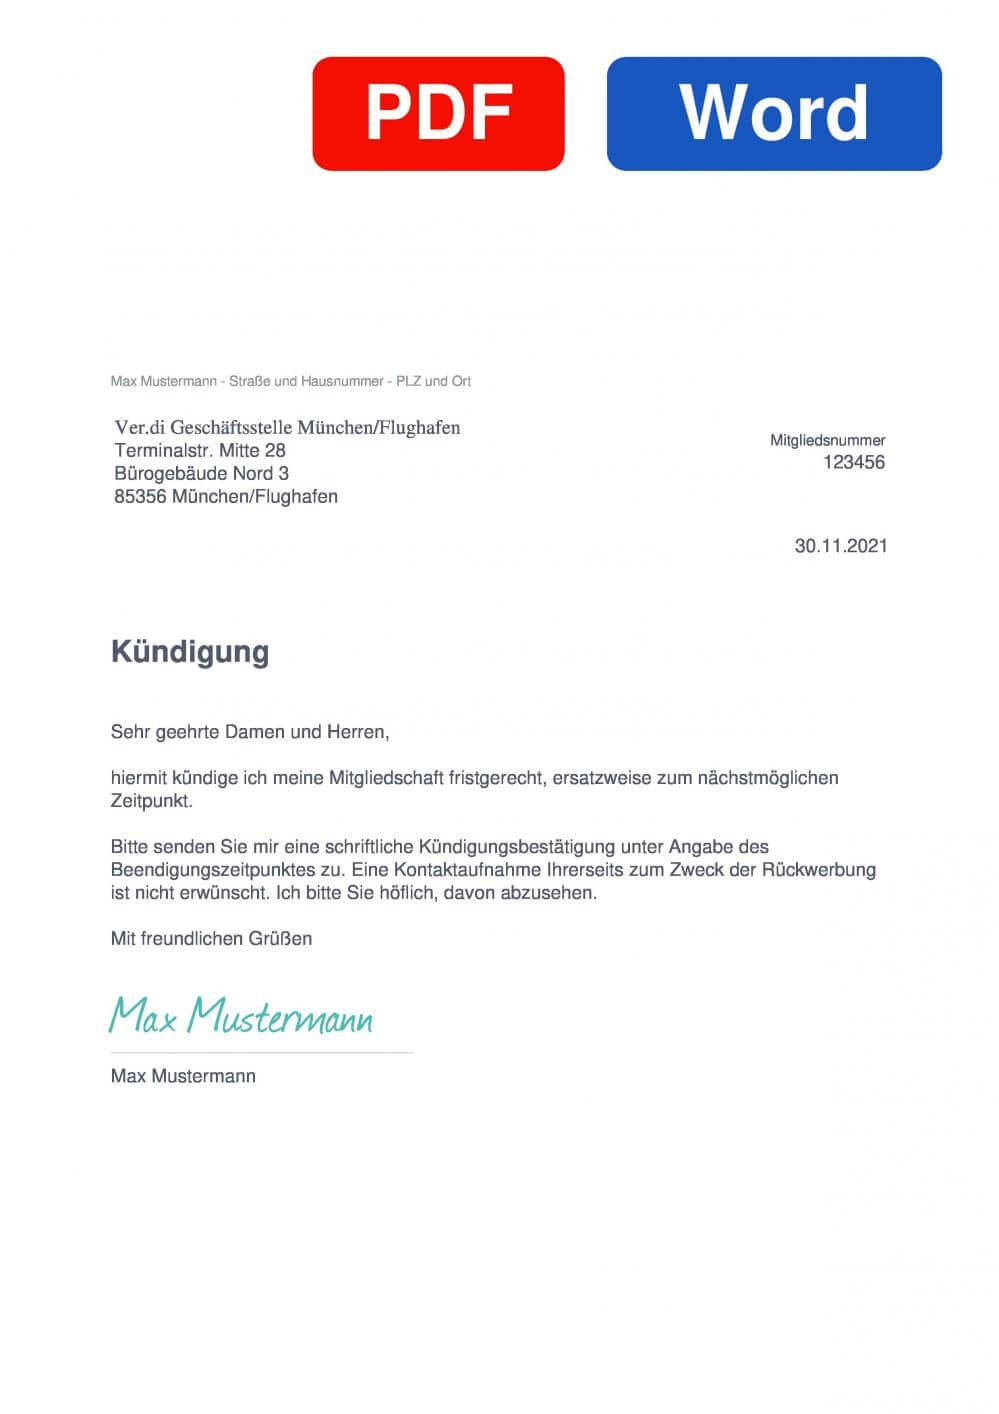 Verdi München/Flughafen Muster Vorlage für Kündigungsschreiben